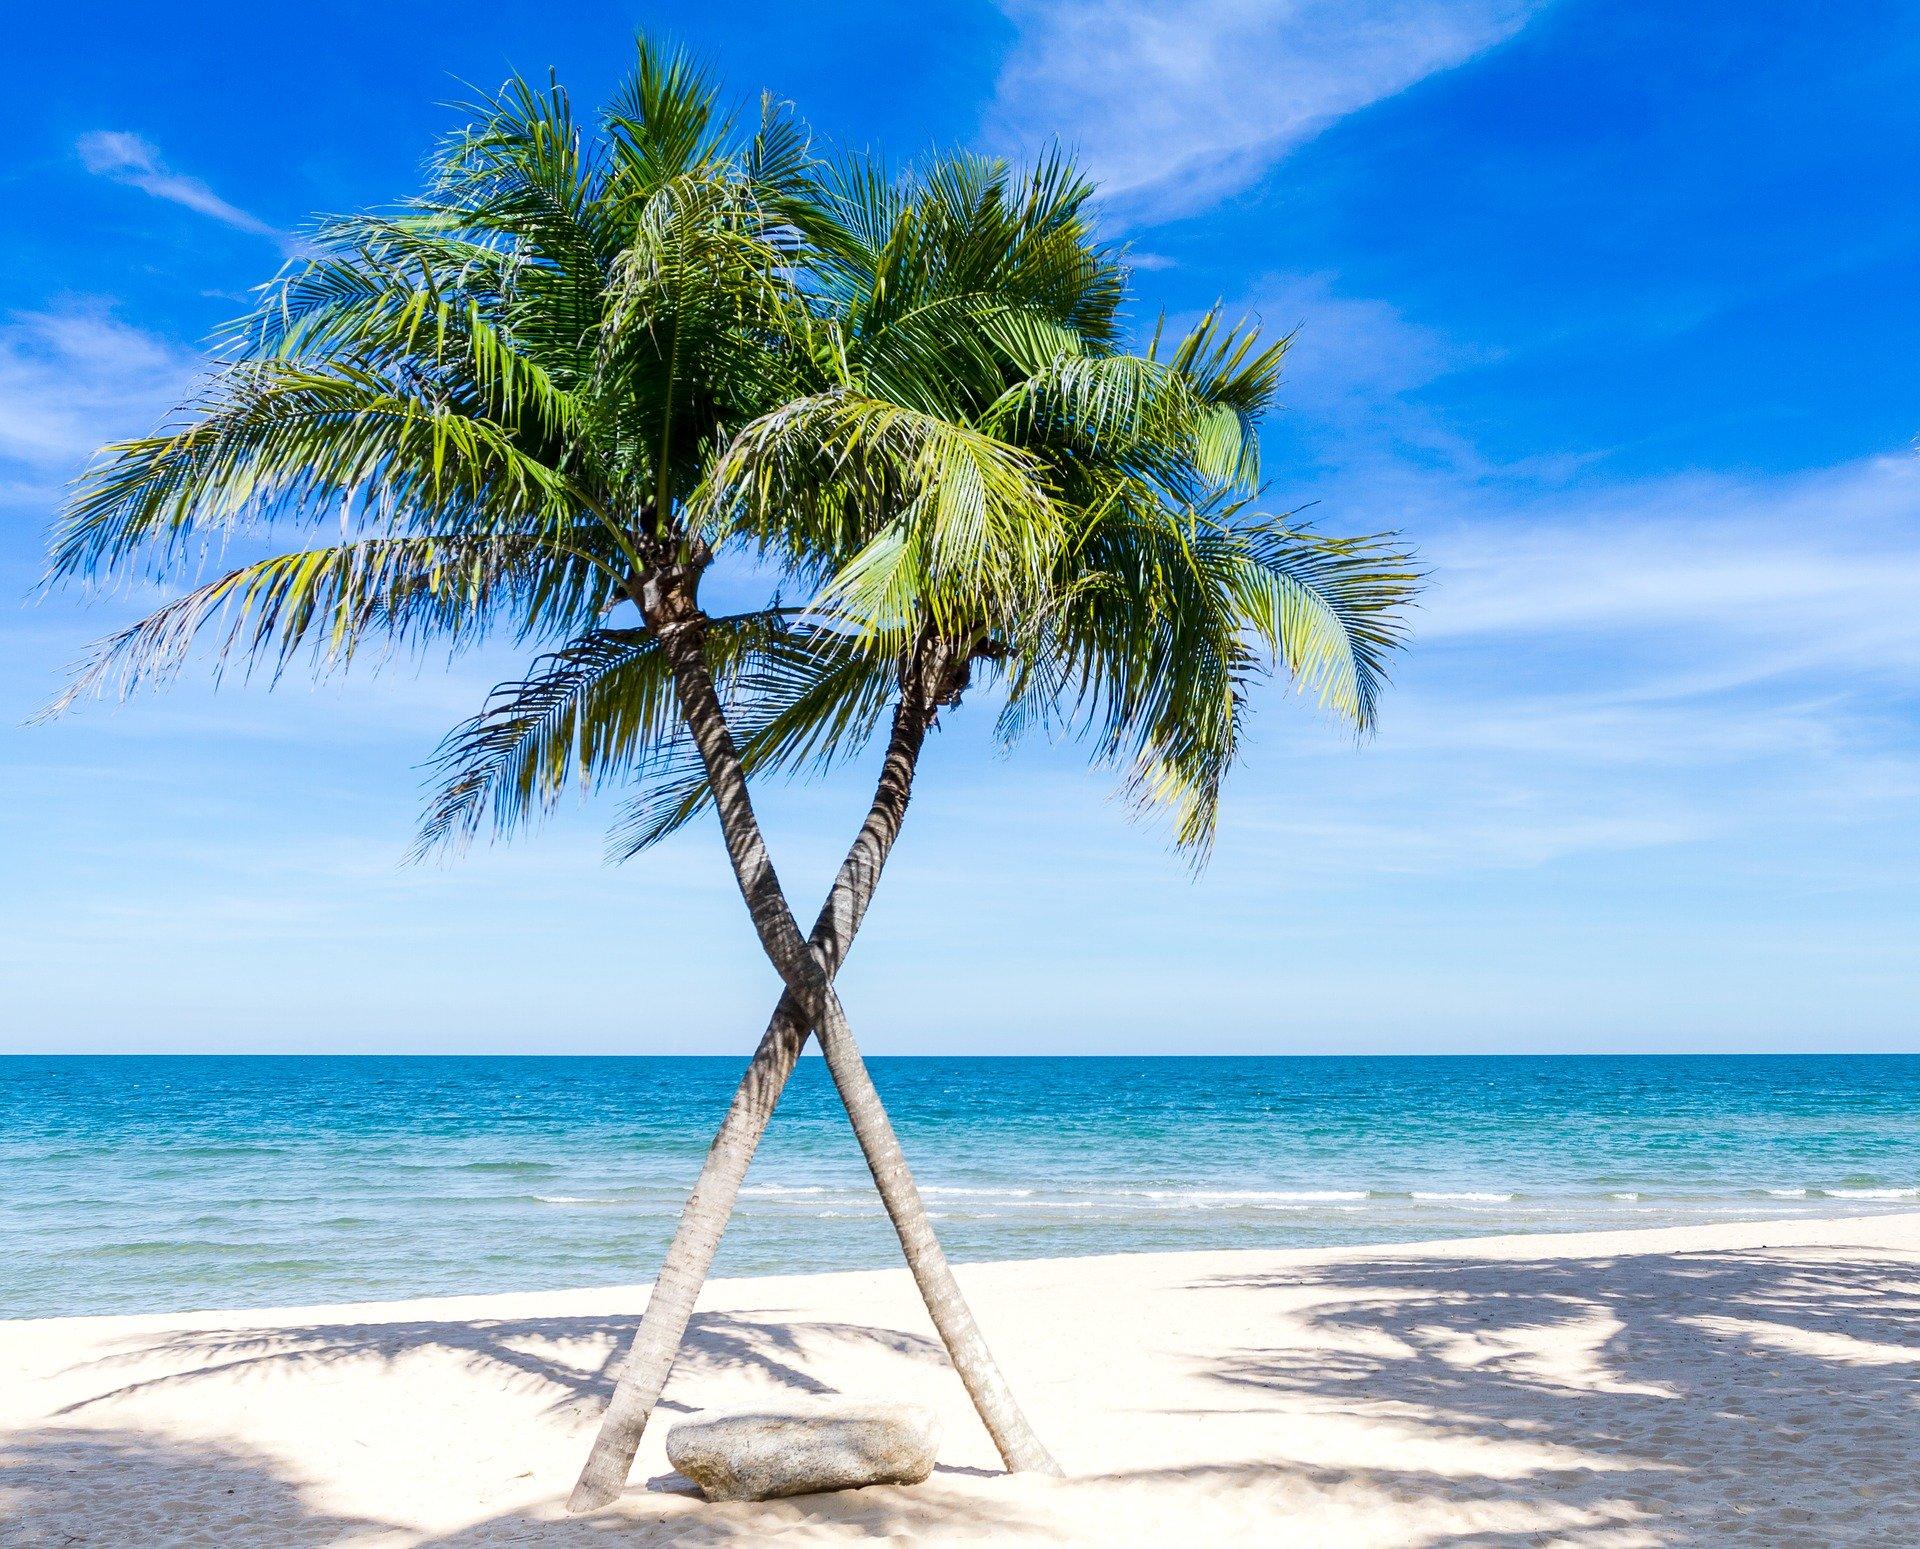 cosa mettere in valigia per una crociera ai caraibi